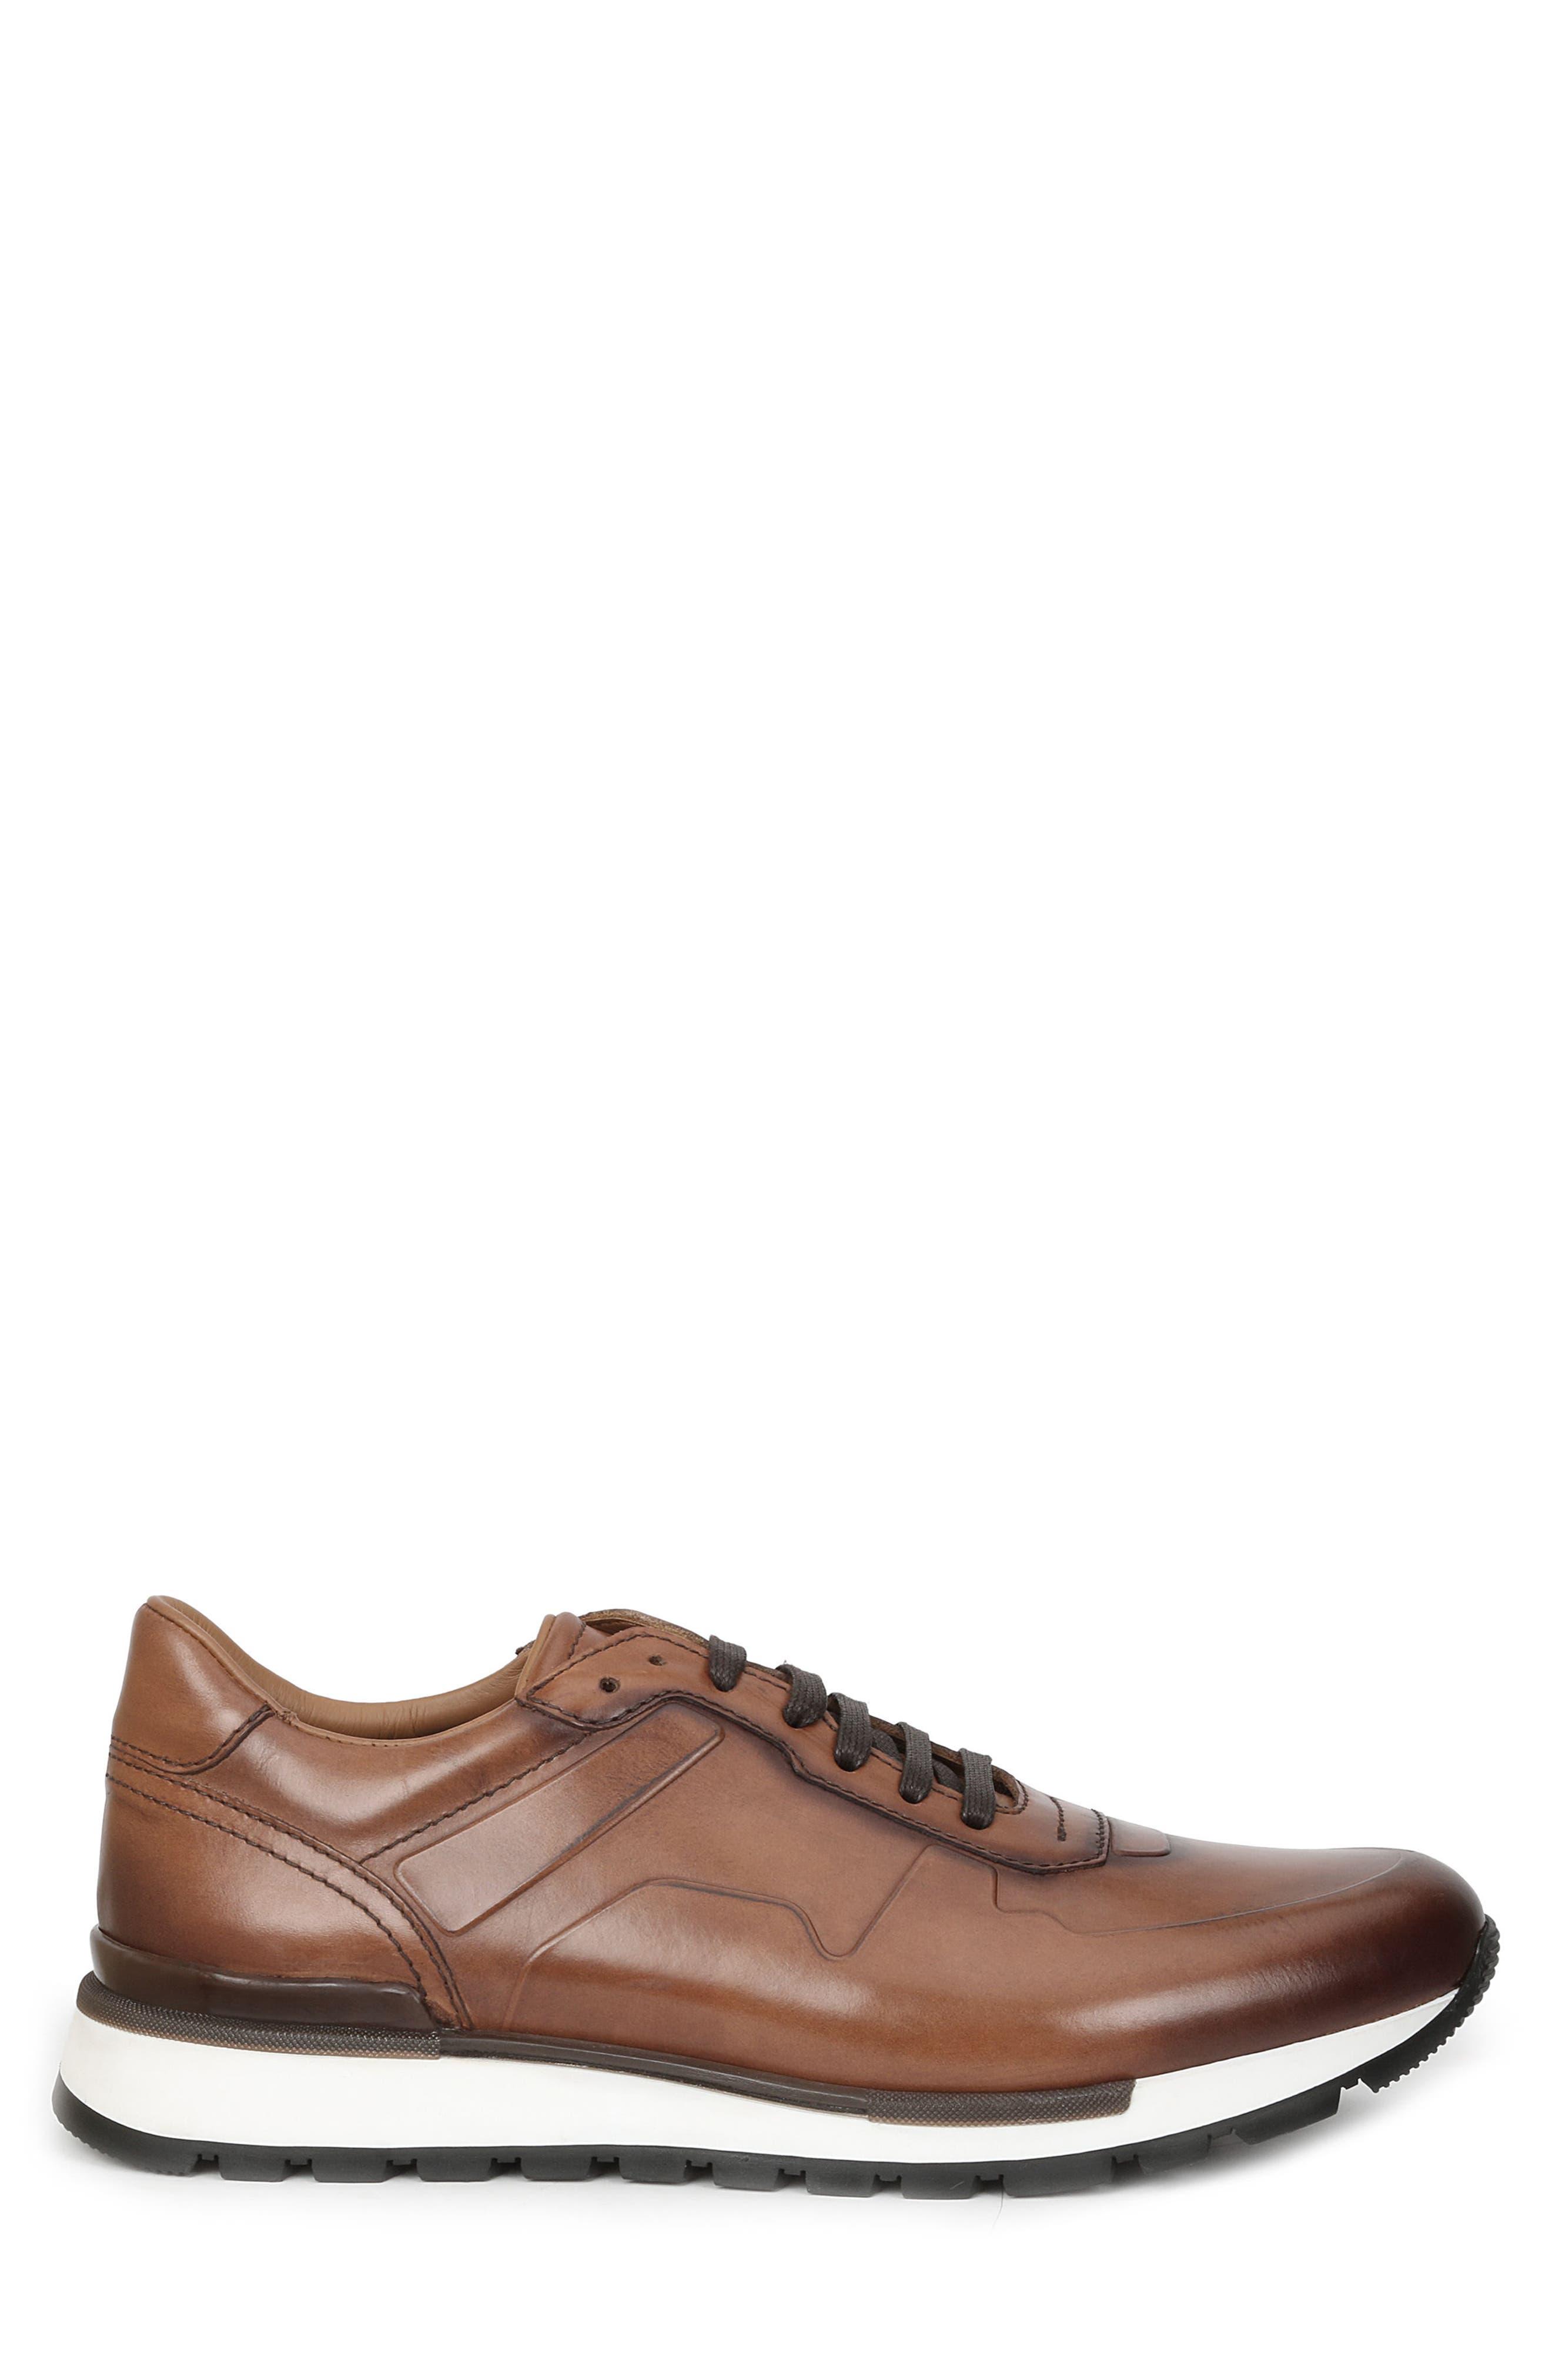 Davio Low Top Sneaker,                             Alternate thumbnail 3, color,                             COGNAC